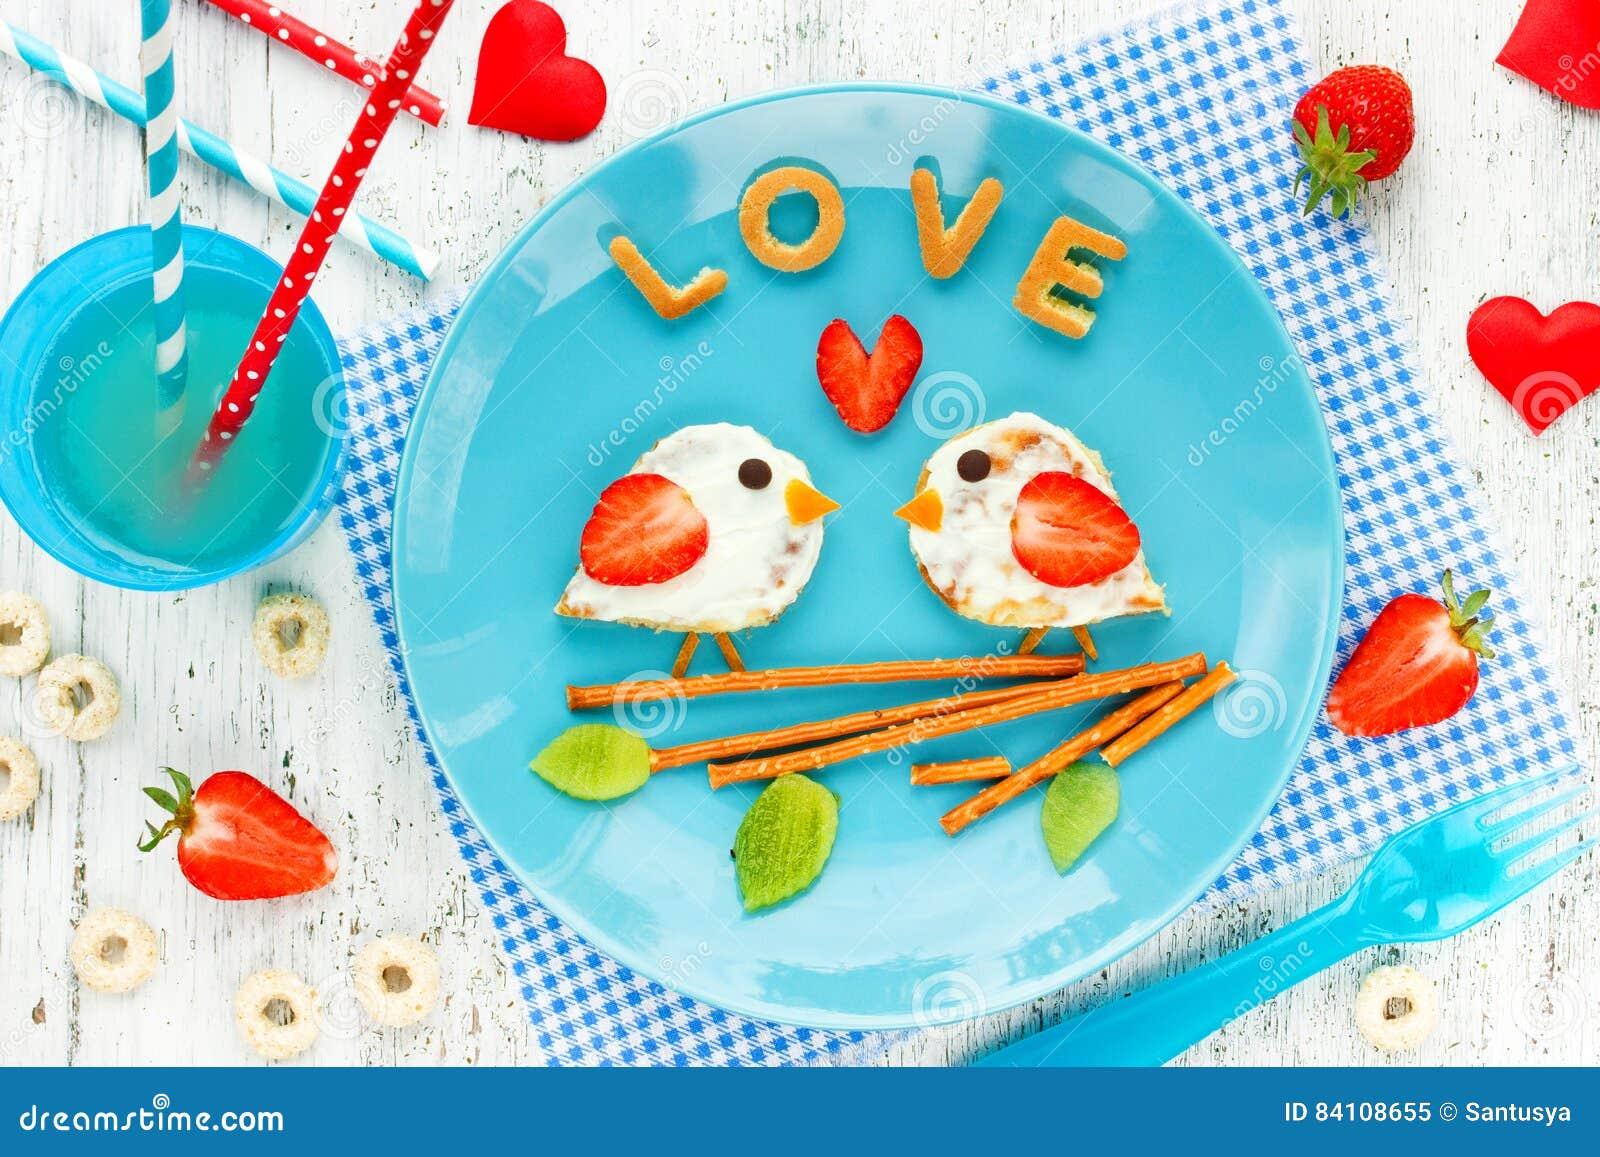 Ame las crepes de los pájaros - desayuno romántico el día de tarjetas del día de San Valentín Creatina